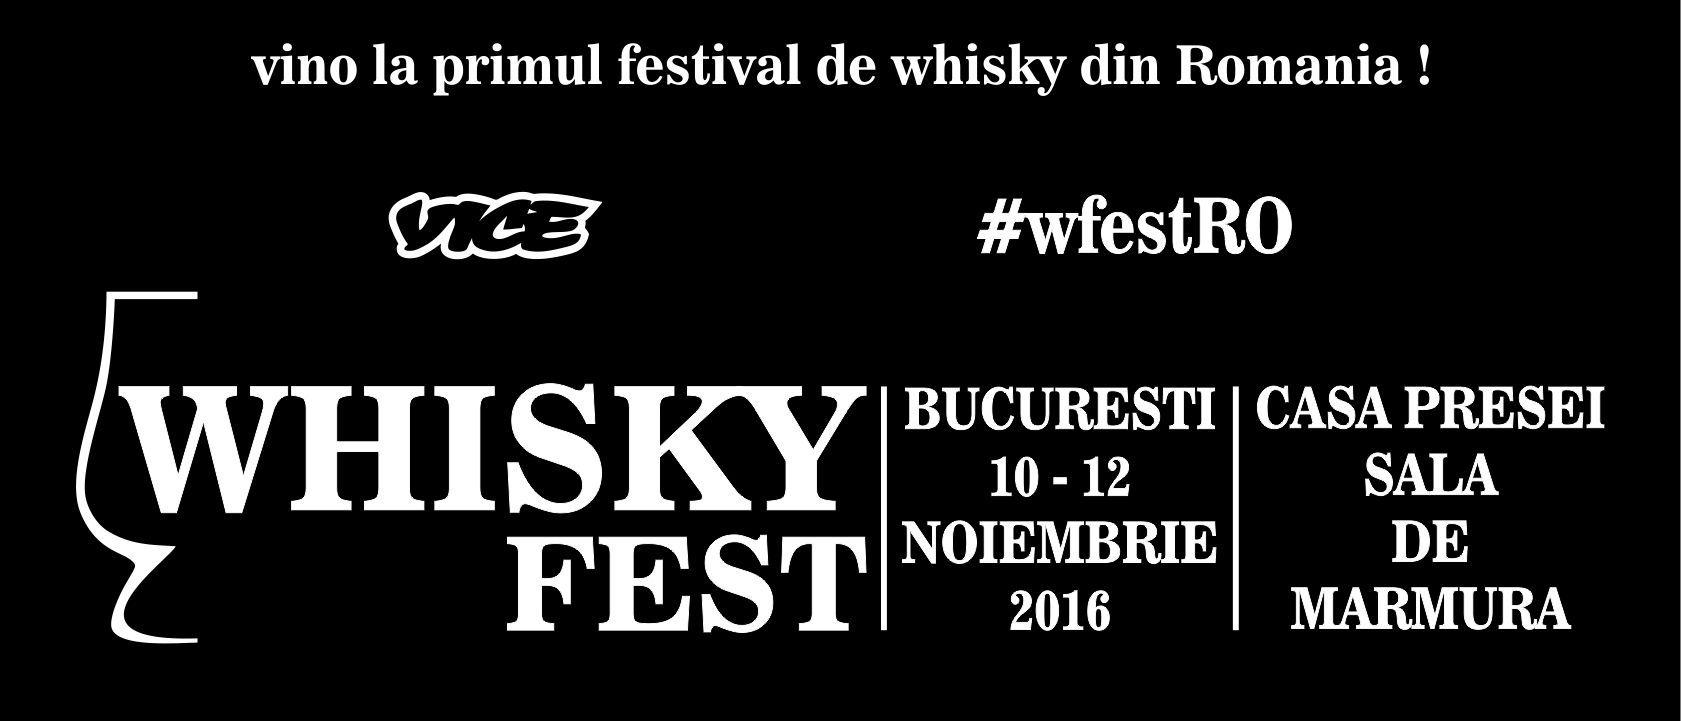 whisky fest_dragos gurarosie